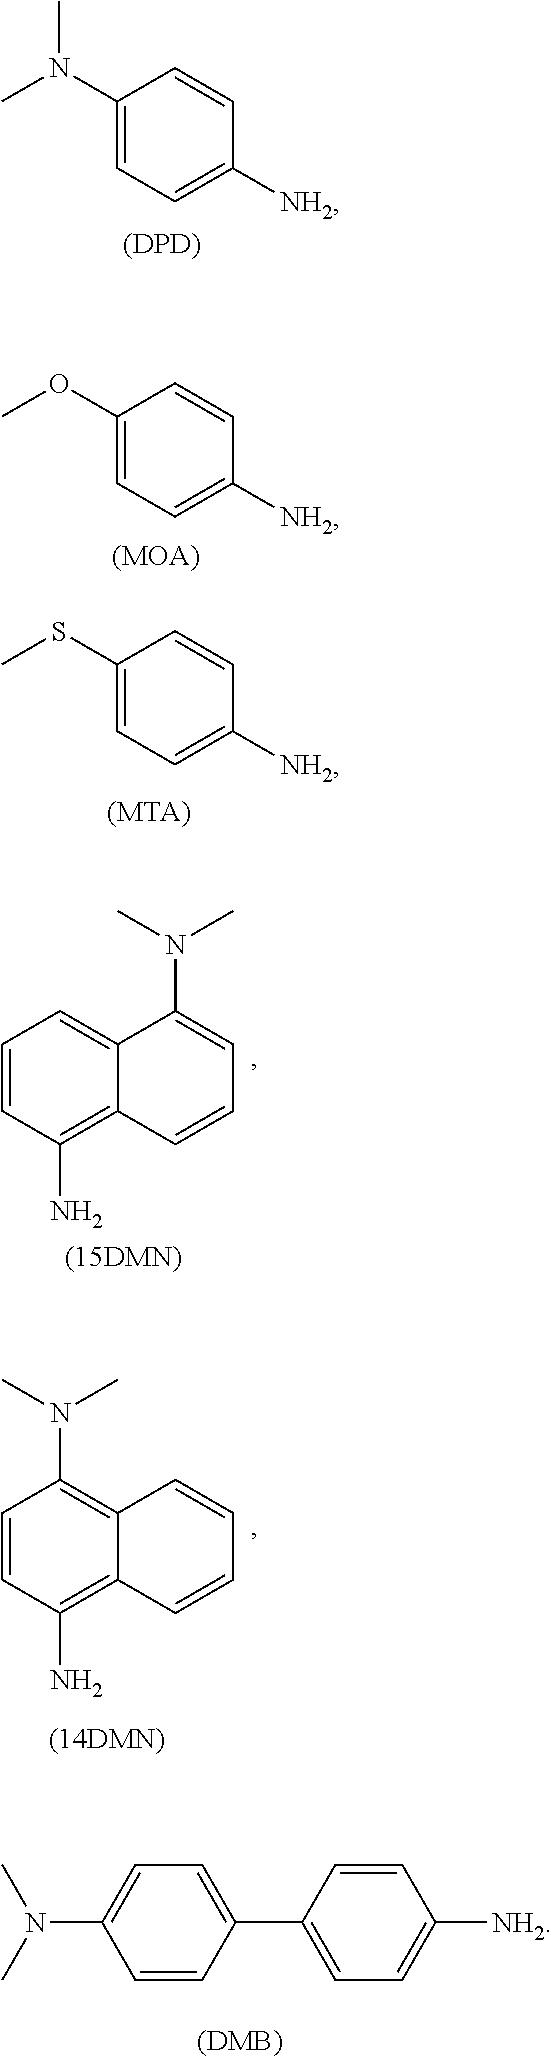 Figure US09271498-20160301-C00013